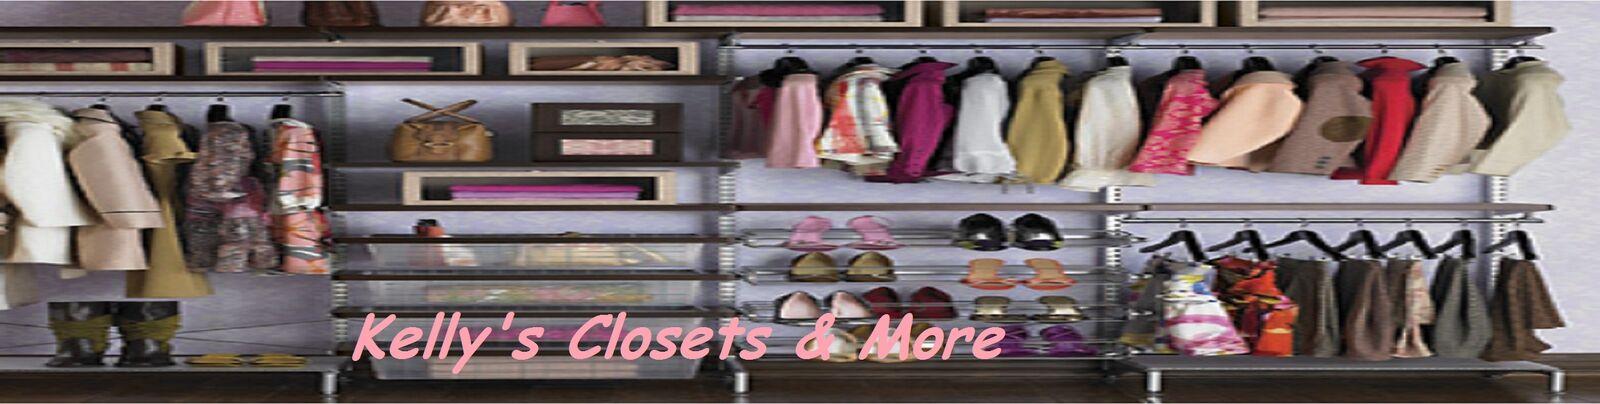 Kelly's Closets